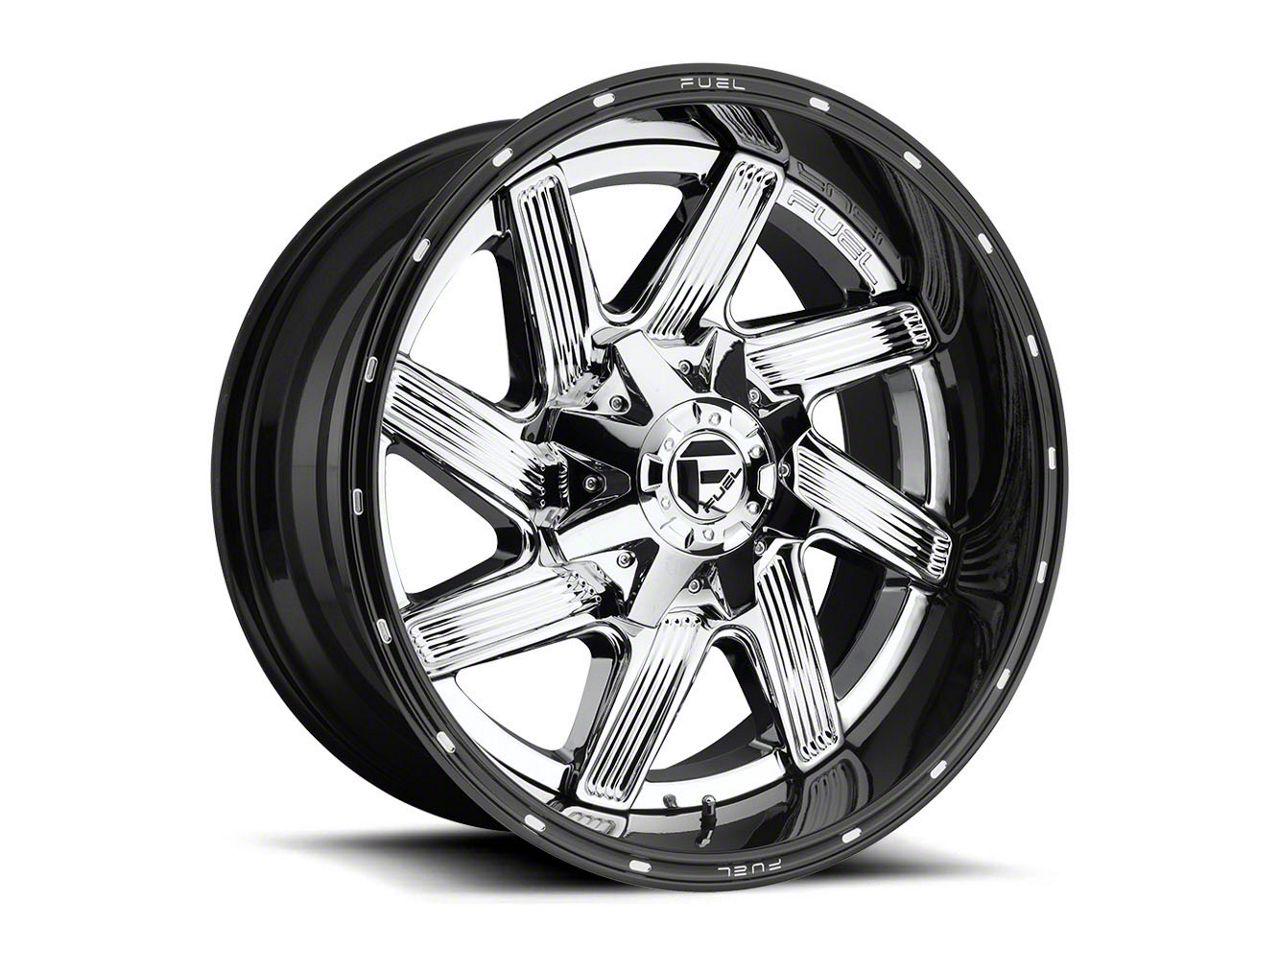 Fuel Wheels Moab Chrome 6-Lug Wheel - 20x14 (99-18 Silverado 1500)